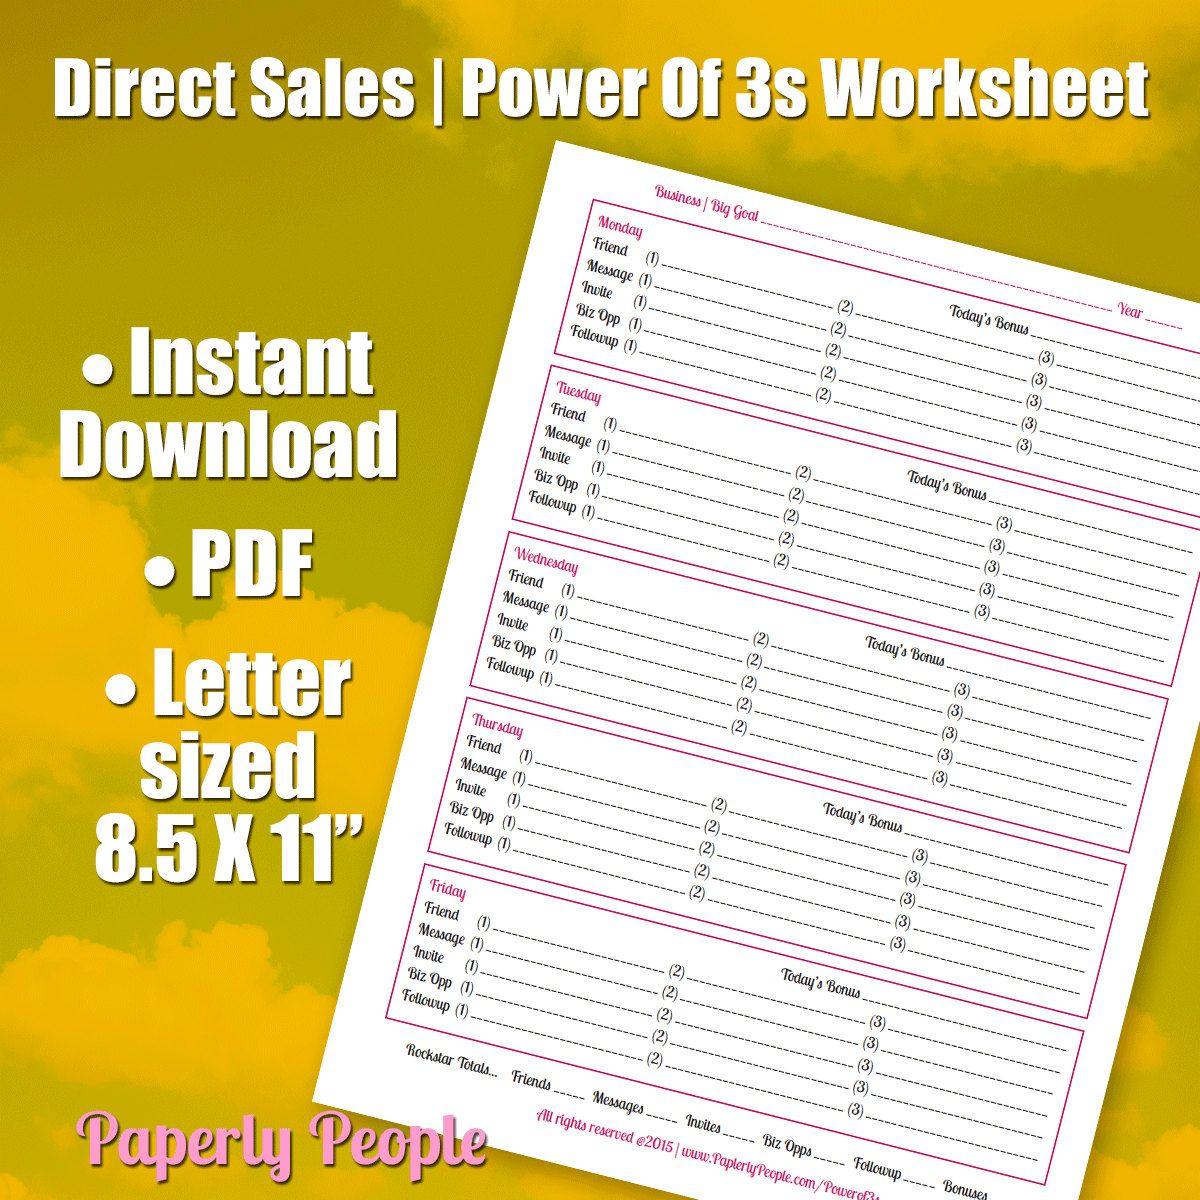 Direct Sales Worksheet